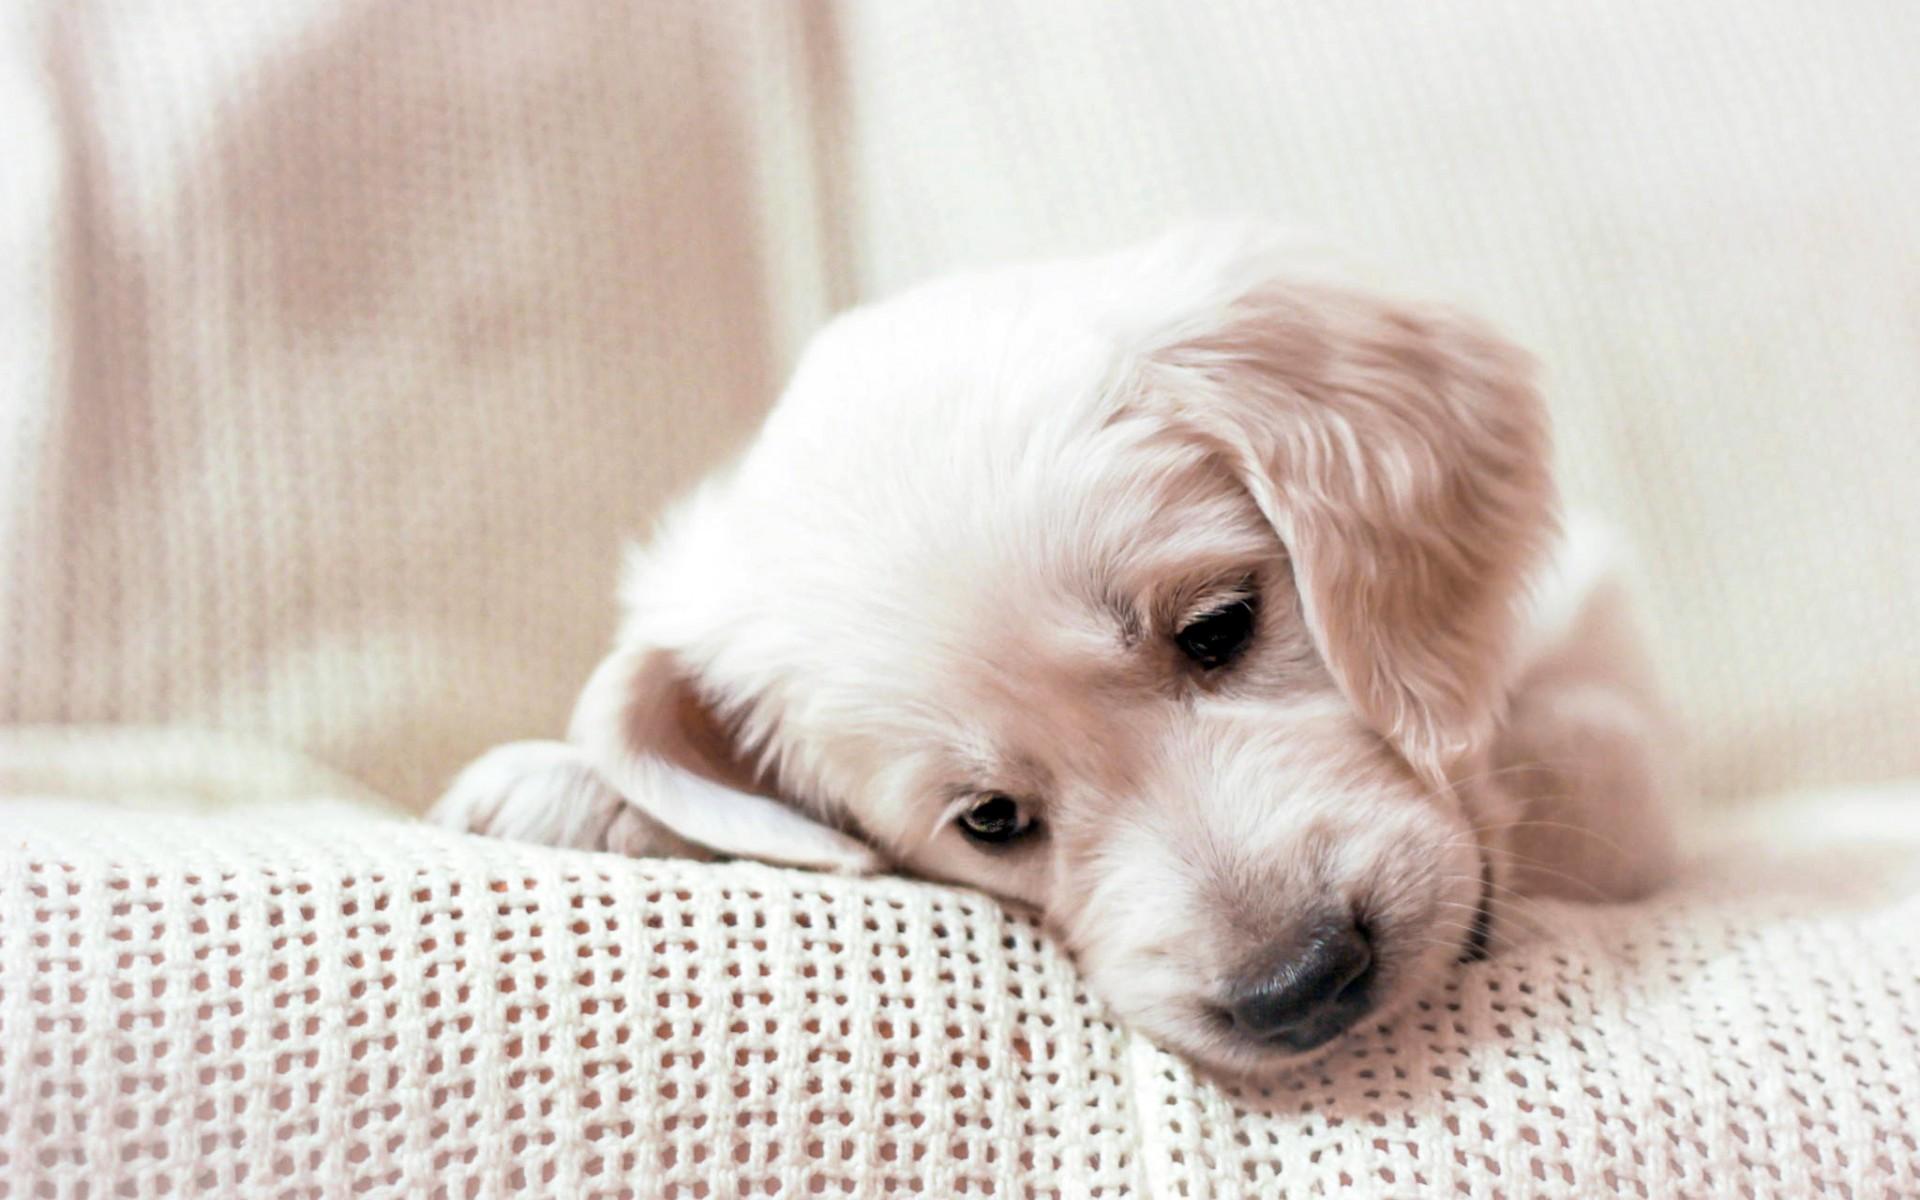 фото грустного щенка